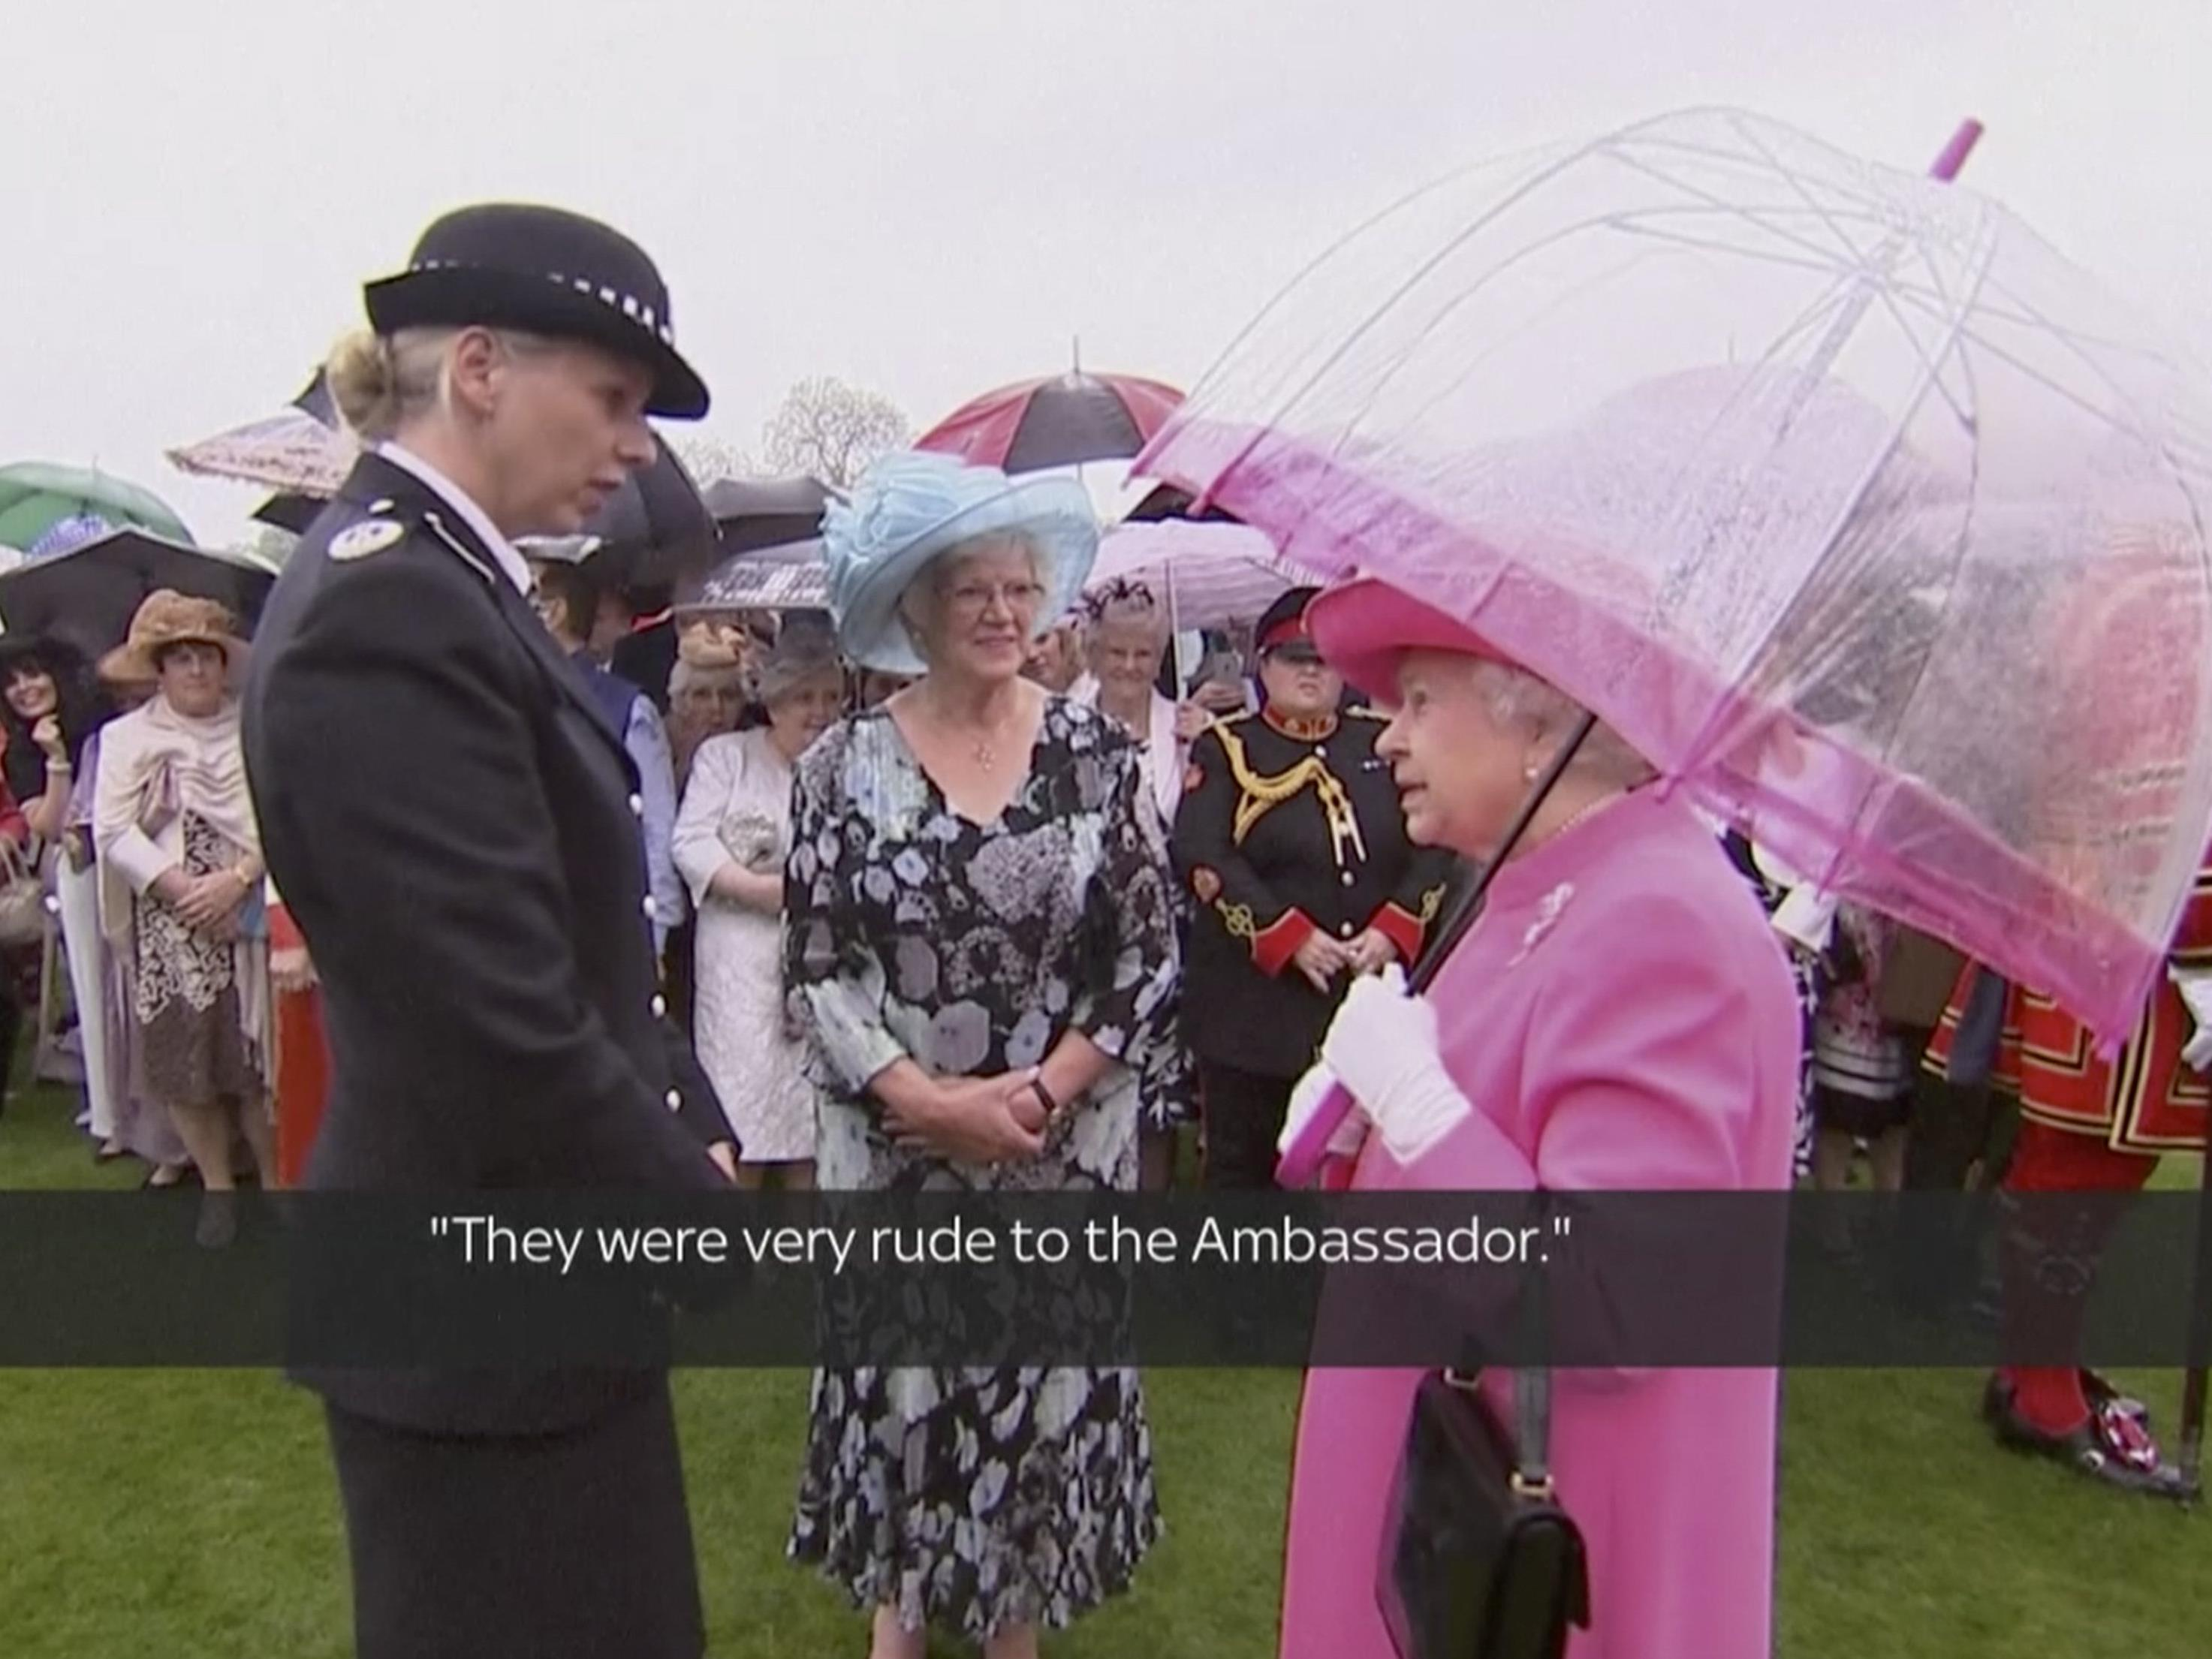 The Queen is not amused - BBC zeichnet undiplomatische Worte auf.